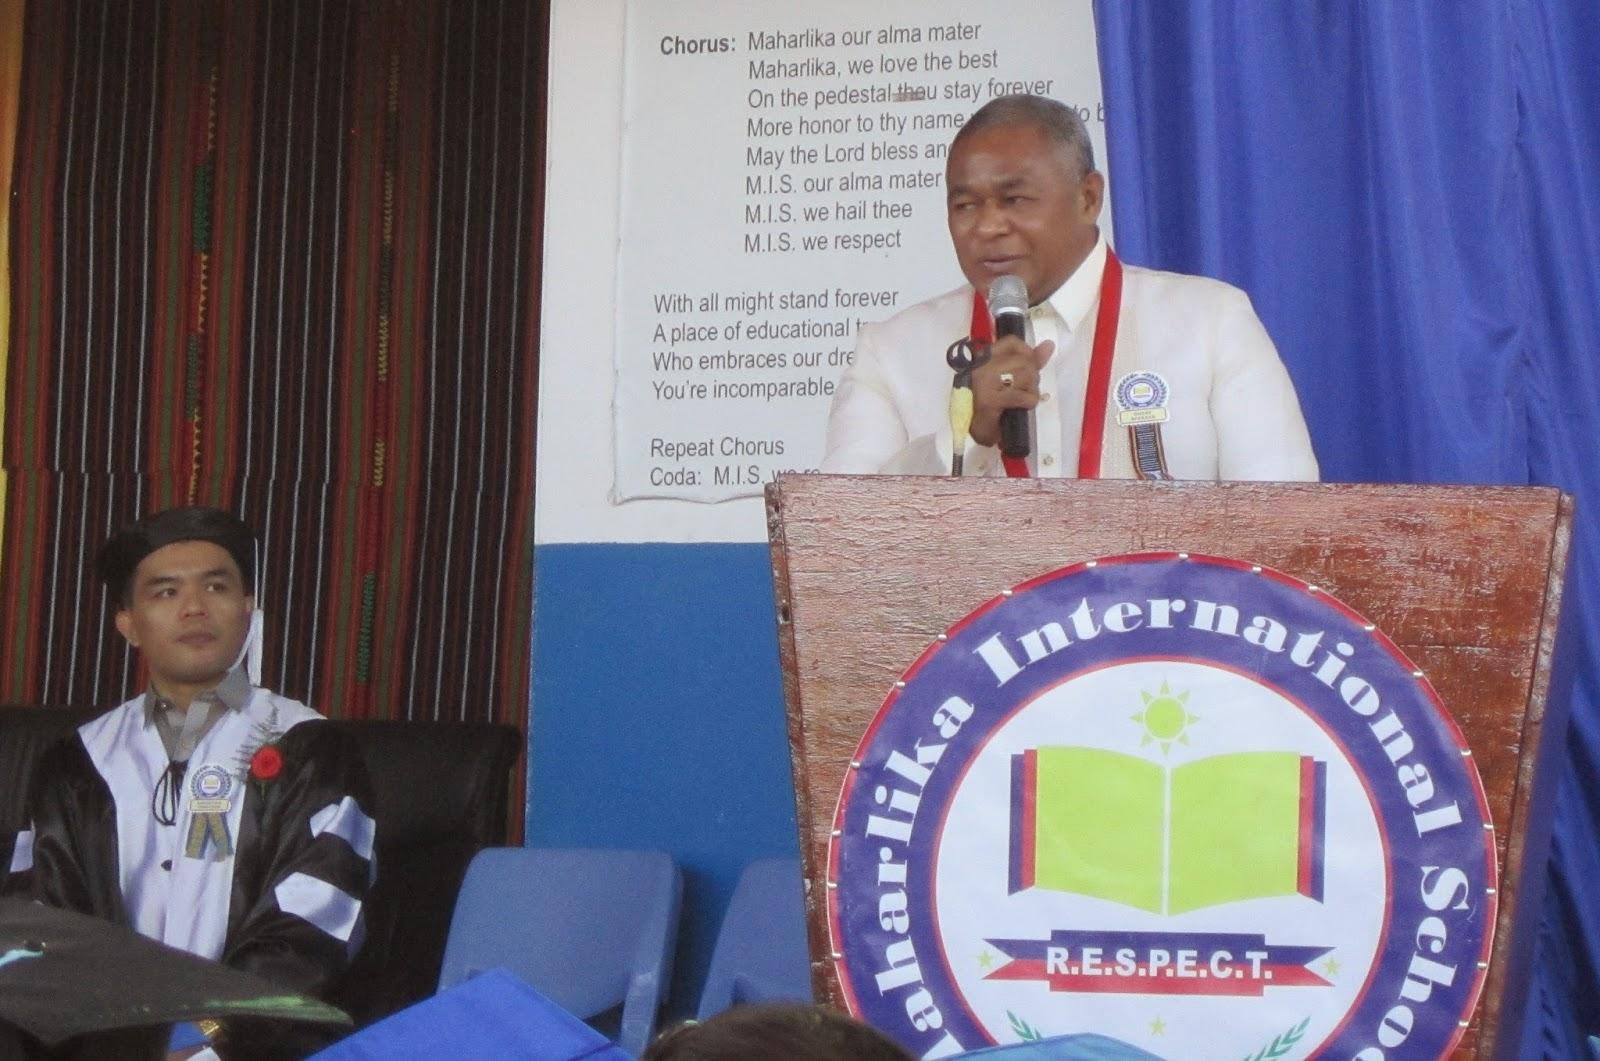 Maharlika International School: Minister of Education in Timor-Leste ...